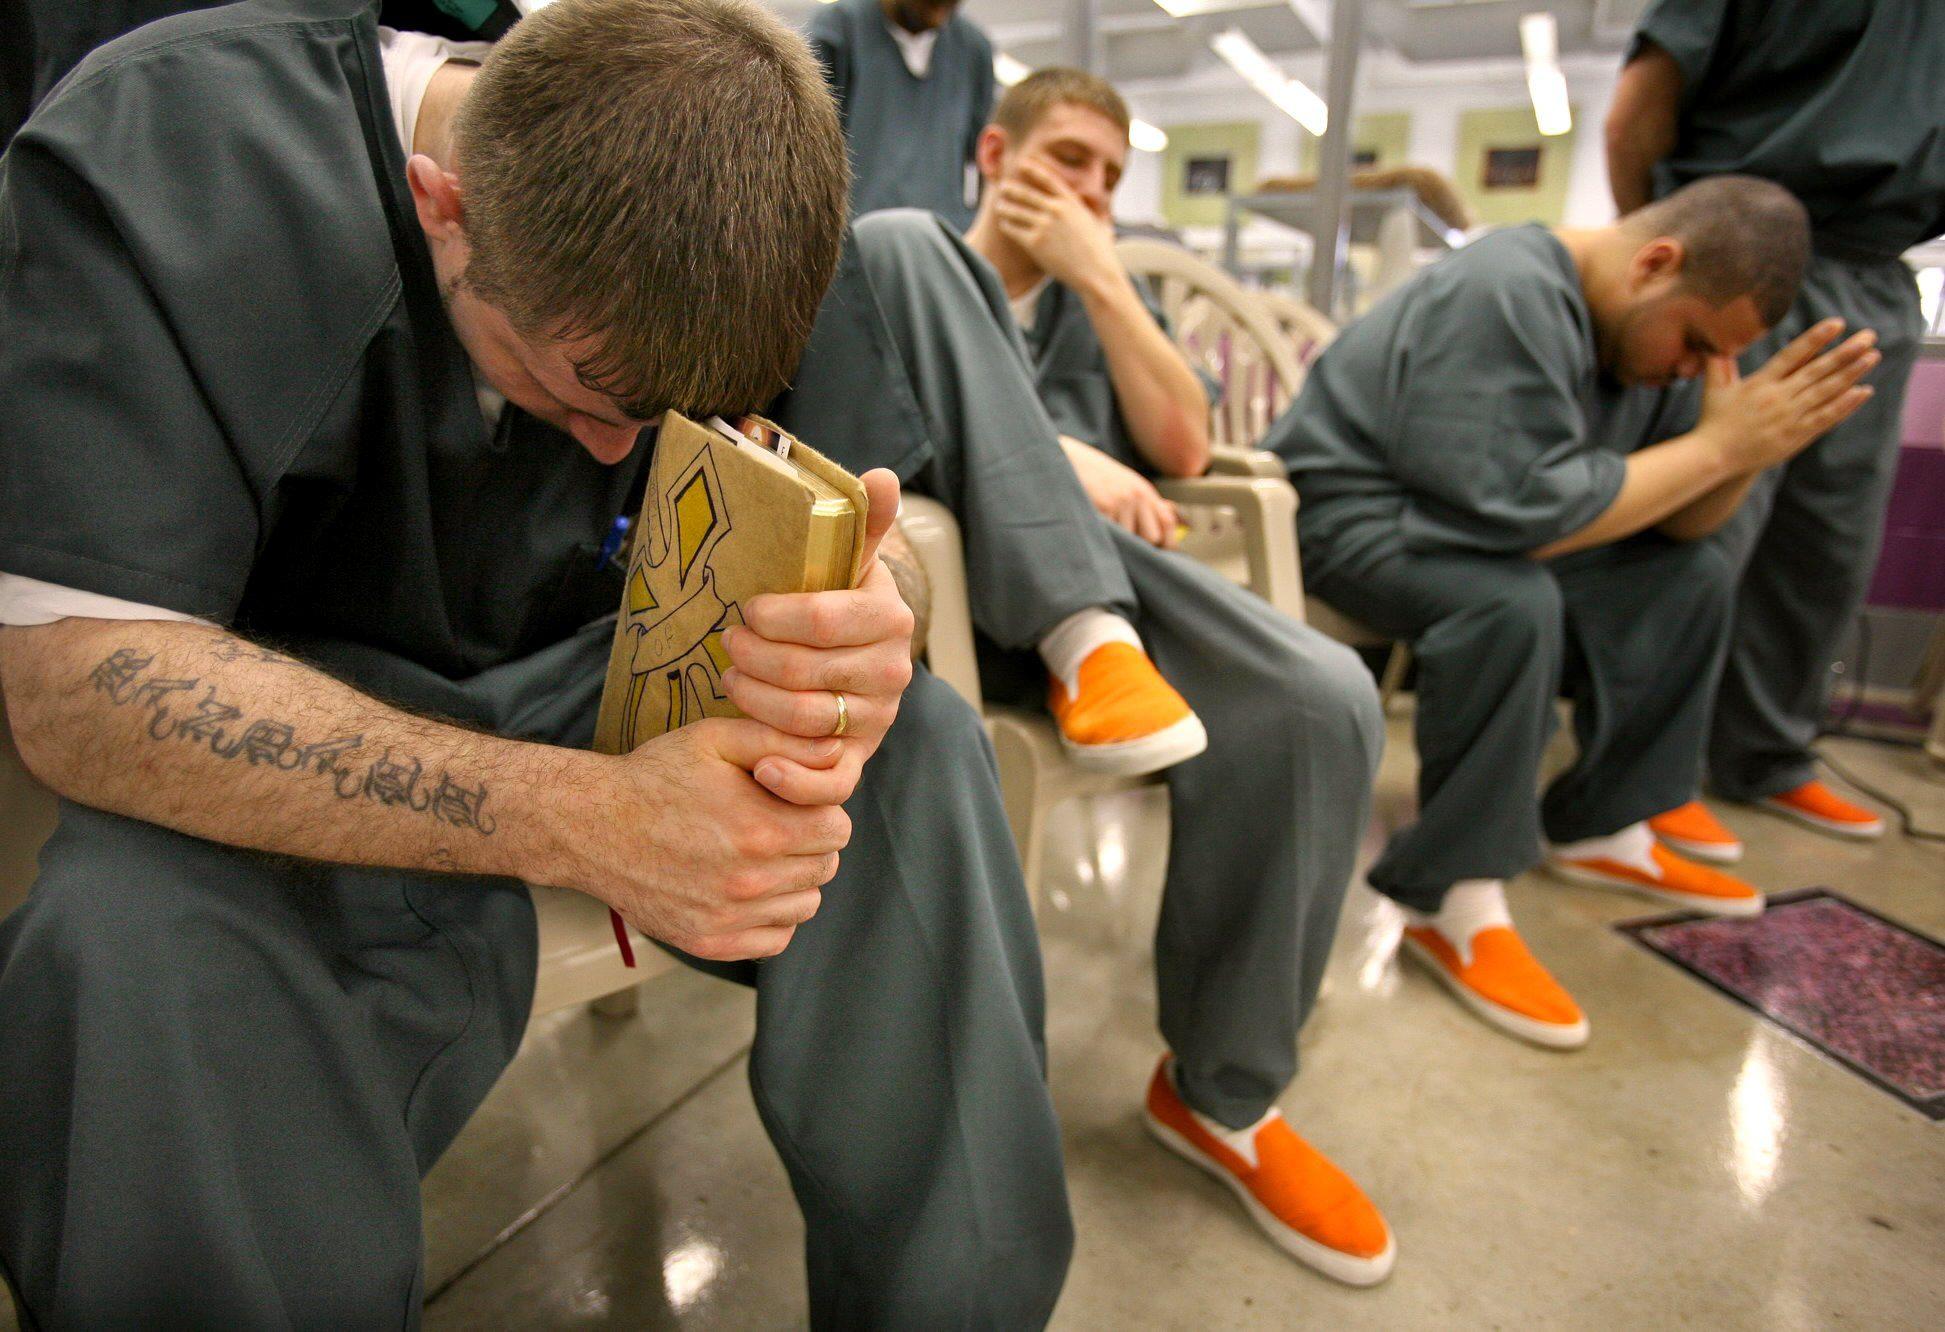 0920_Prison_Religion